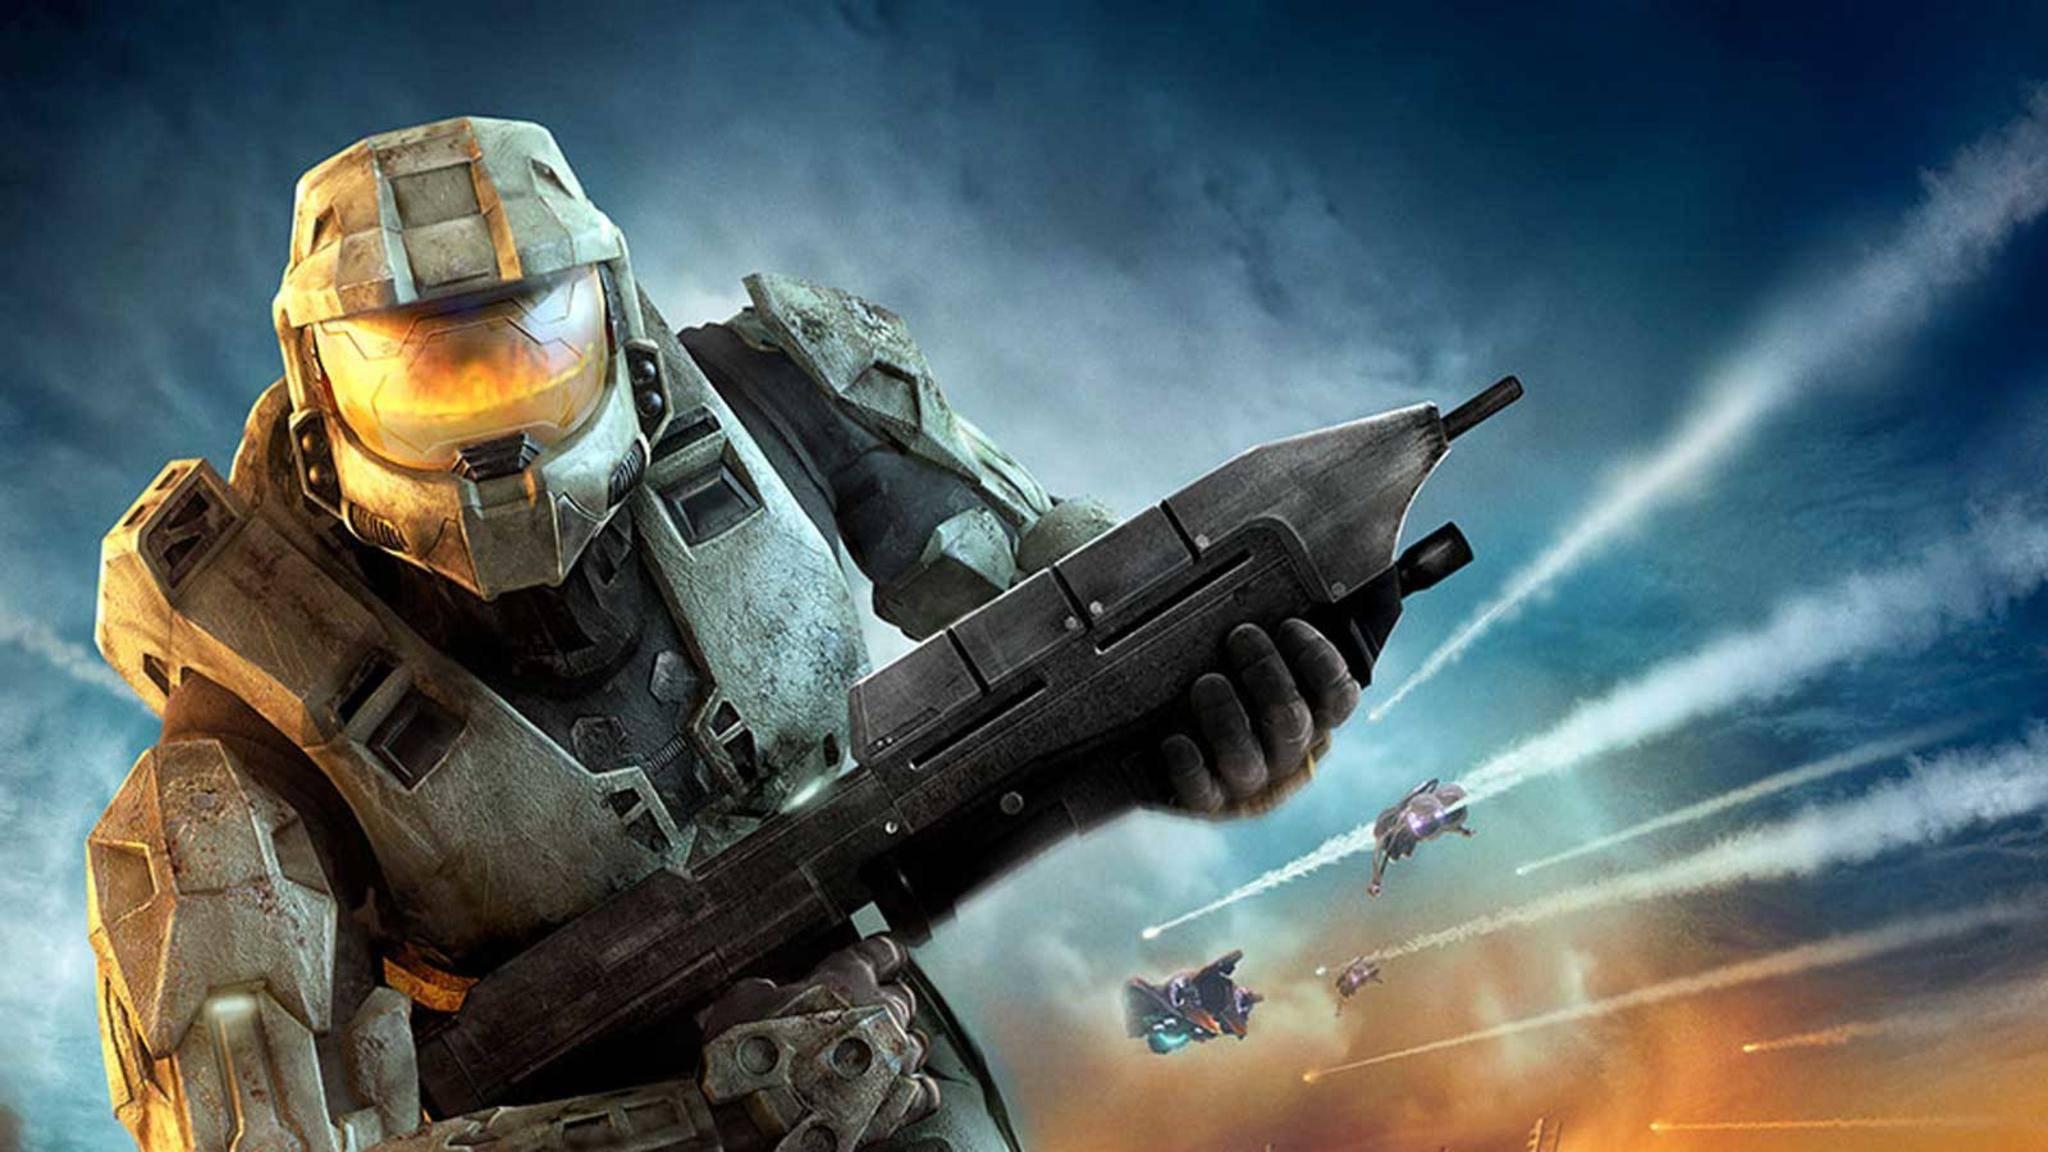 """Für """"Halo"""" gibt es demnächst ein kleines Virtual-Reality-Spiel."""